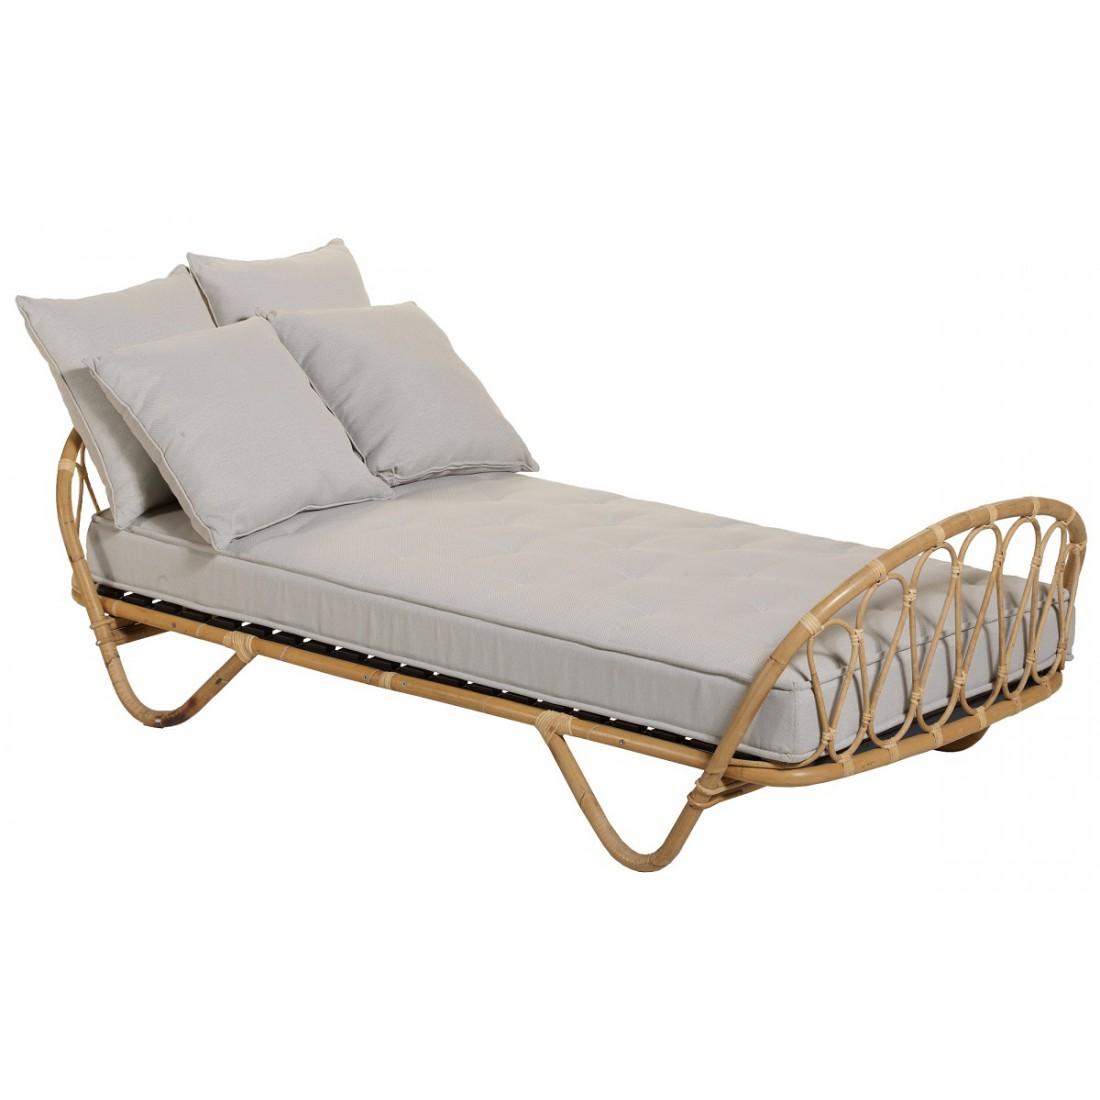 lit en rotin naturel 90x190 corbeille. Black Bedroom Furniture Sets. Home Design Ideas